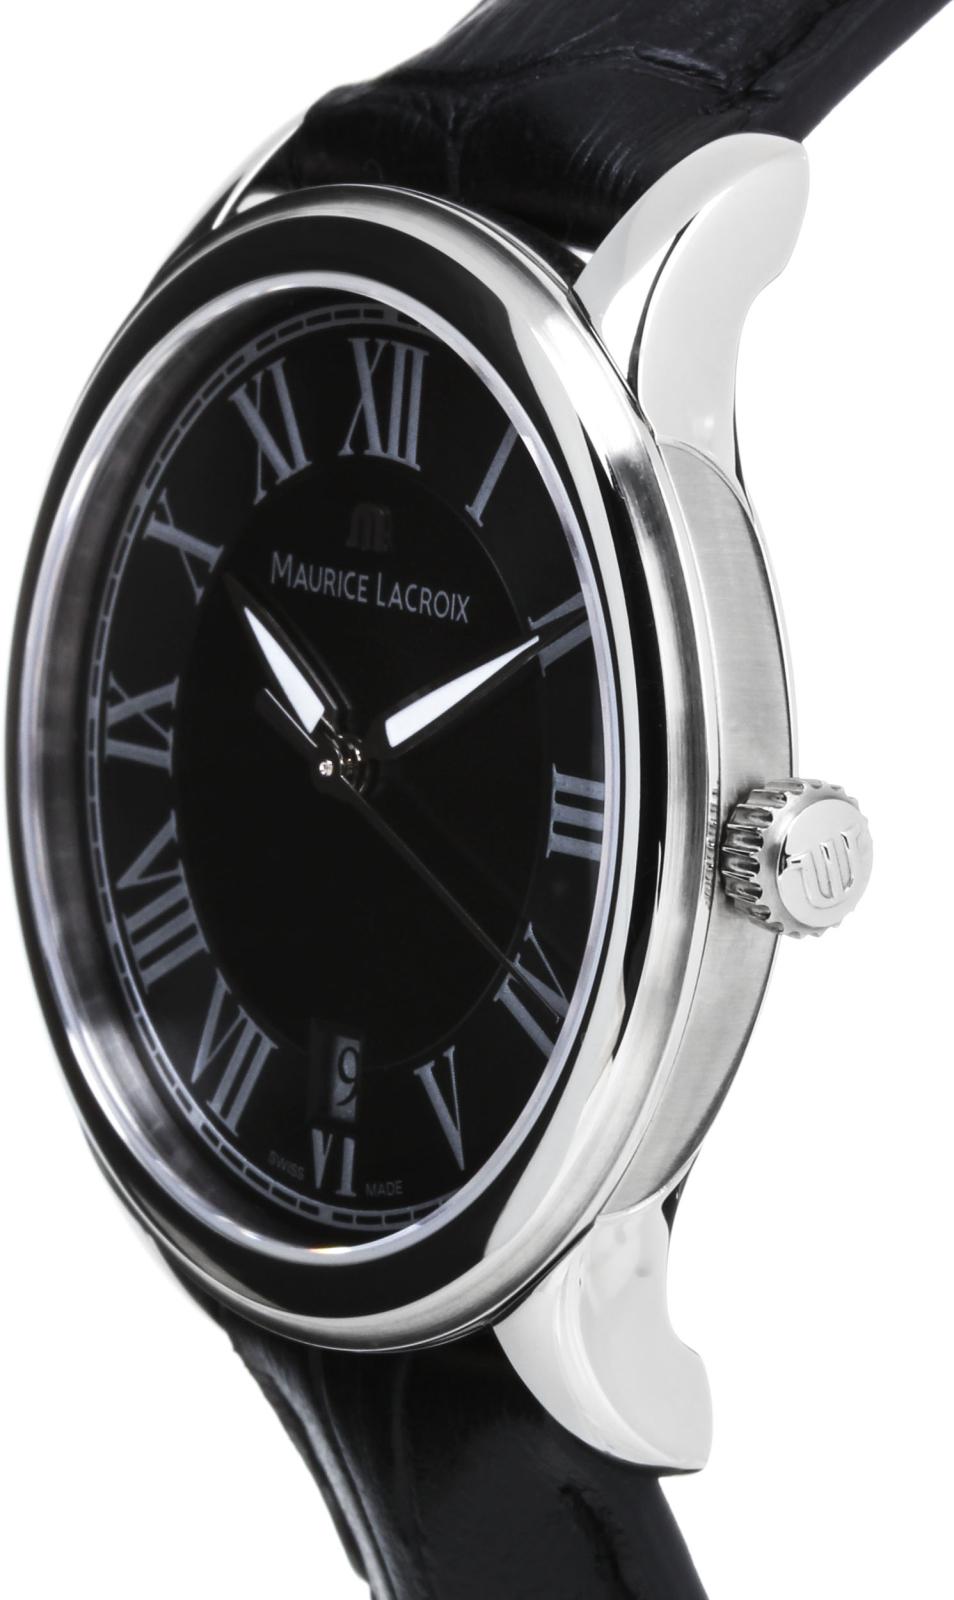 Maurice Lacroix Les Classiques LC1077-SS001-110Наручные часы<br>Швейцарские часы Maurice Lacroix Les Classiques LC1077-SS001-110Представленная модель входит в коллекцию Les Classiques. Это настоящие Мужские часы. Материал корпуса часов — Сталь. Ремень — Кожа. Циферблат часов защищает Сапфировое стекло. Водозащита этой модели 30 м. Цвет циферблата - Белый. Часы обладают корпусом 39мм.<br><br>Для кого?: Мужские<br>Страна-производитель: Швейцария<br>Механизм: Кварцевый<br>Материал корпуса: Сталь<br>Материал ремня/браслета: Кожа<br>Водозащита, диапазон: 20 - 100 м<br>Стекло: Сапфировое<br>Толщина корпуса/: <br>Стиль: Классика